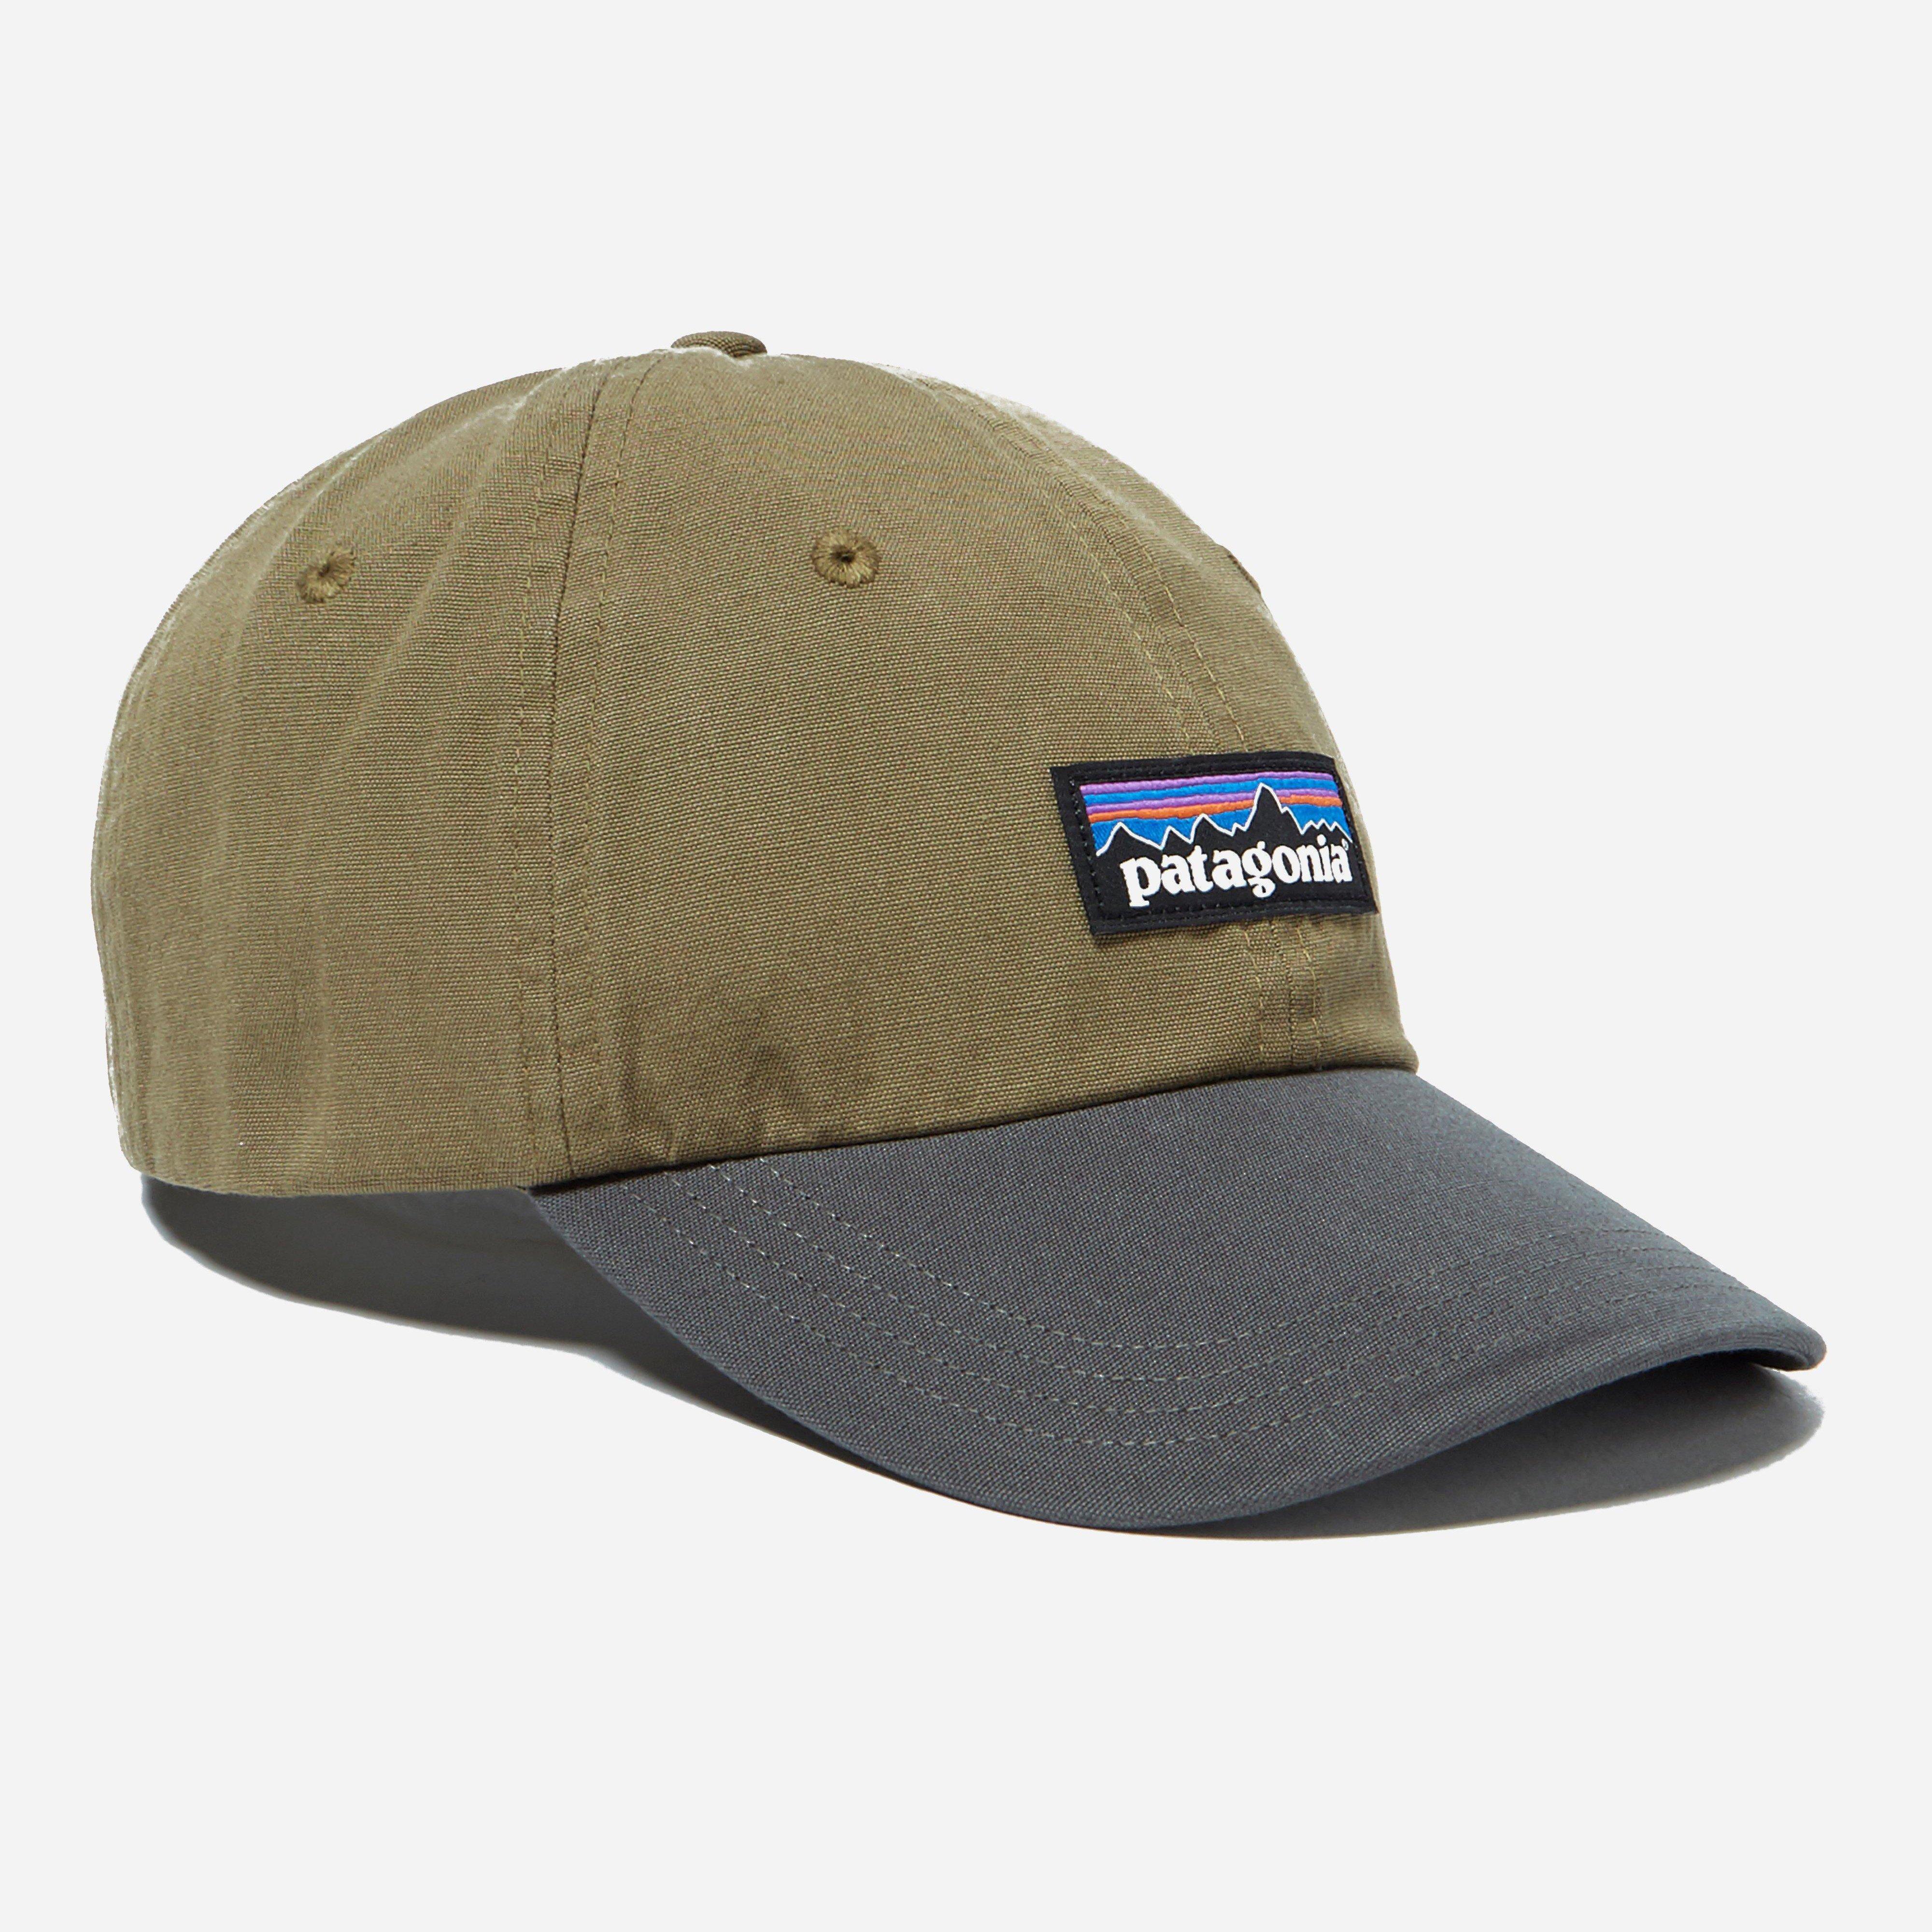 Patagonia P6 Label Trad Cap